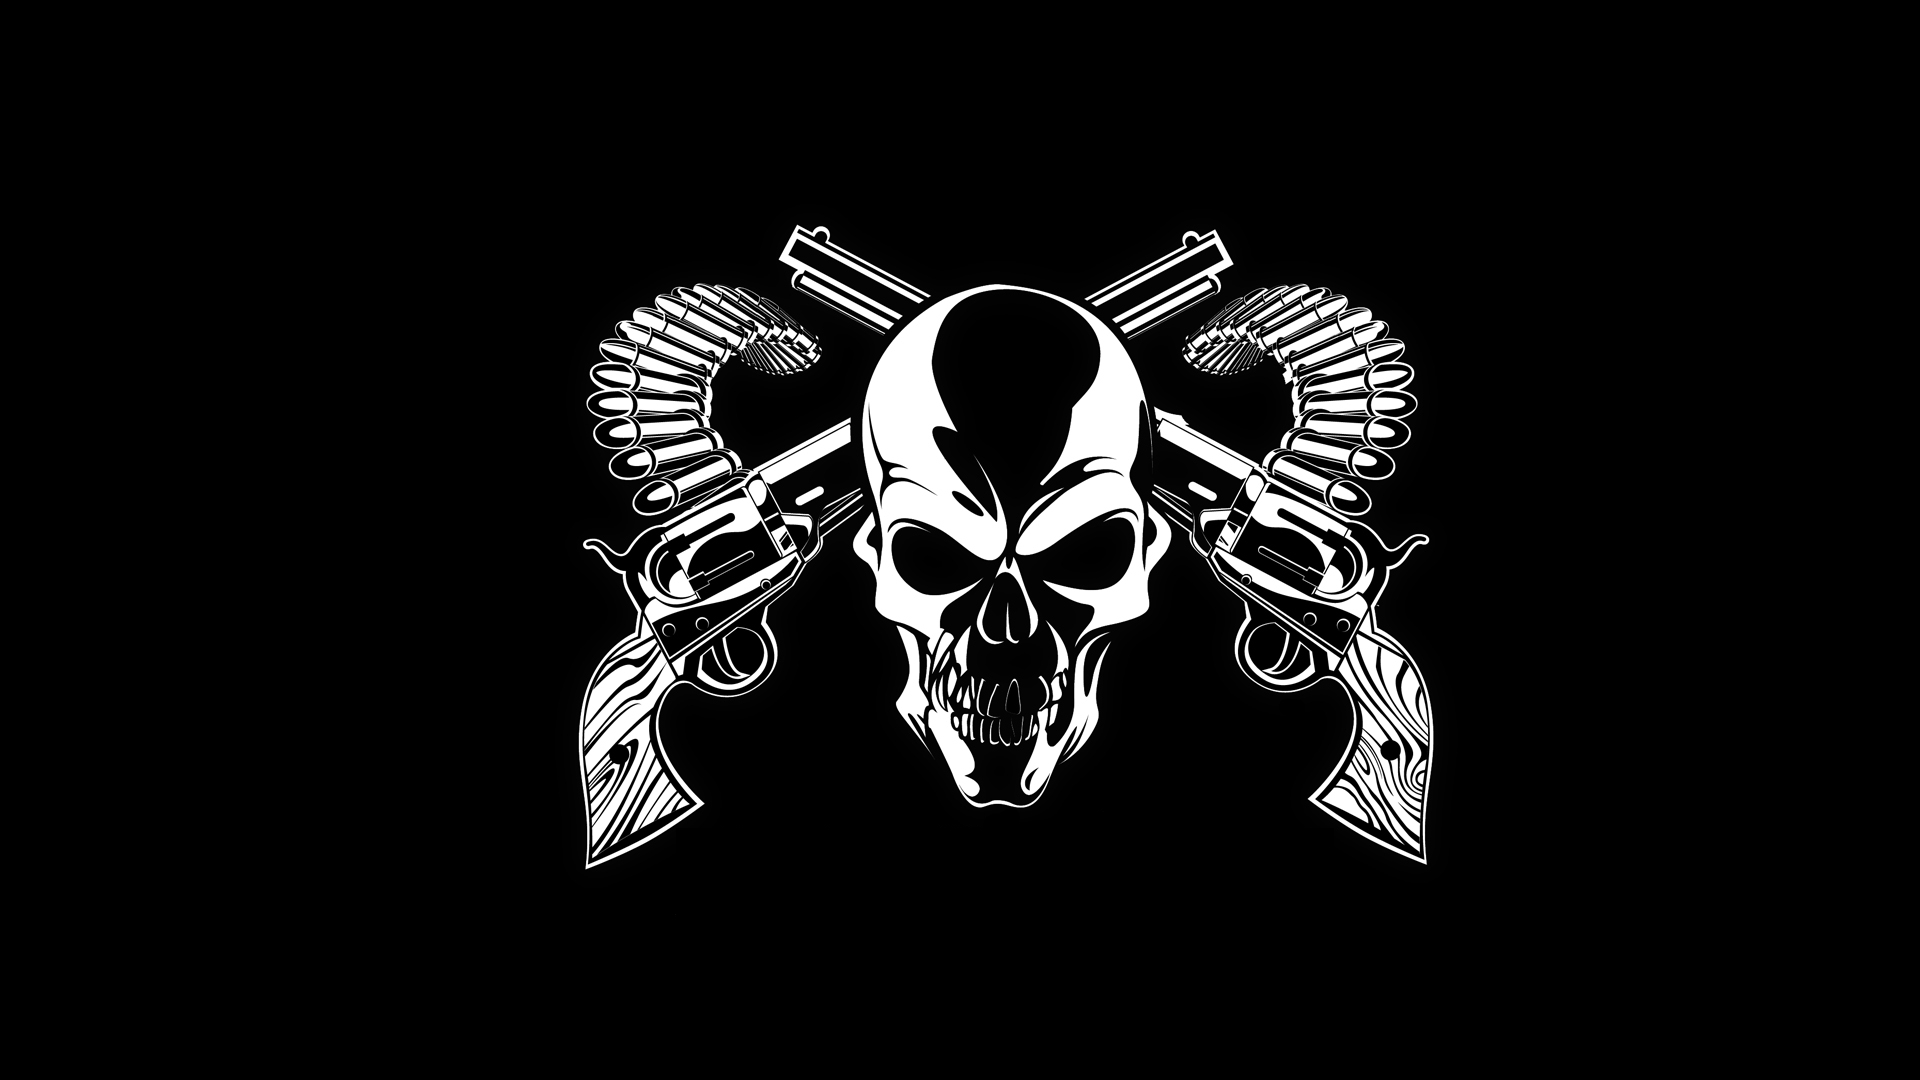 skull-backgrounds-9